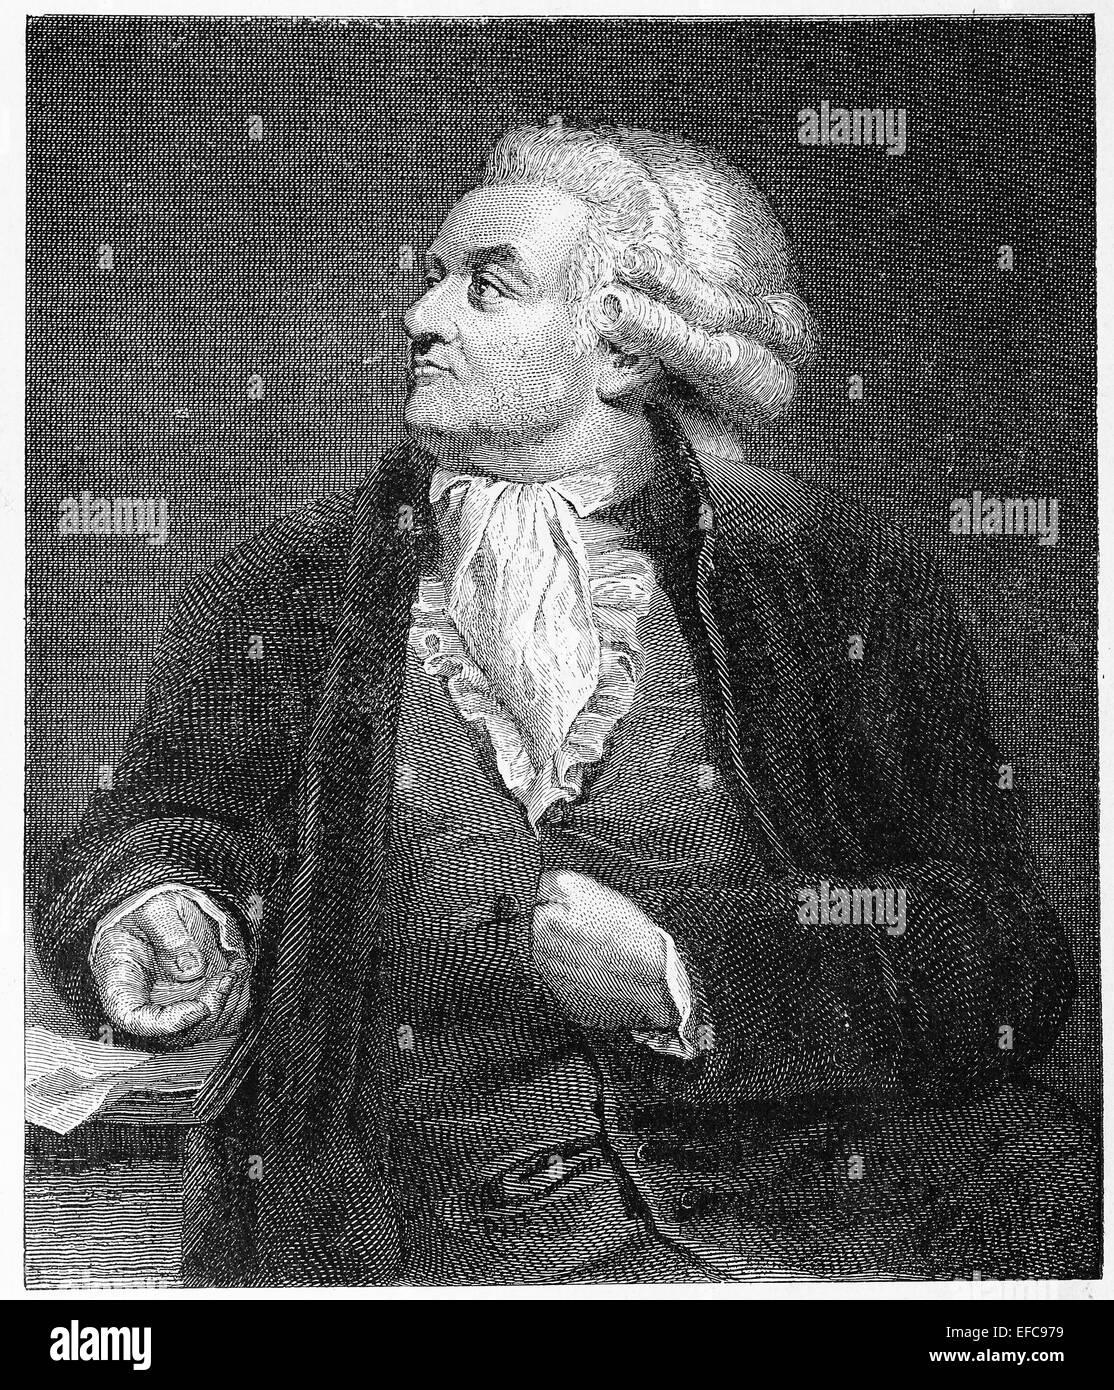 Honore Gabriel Riqueti, comte de Mirabeau - Stock Image